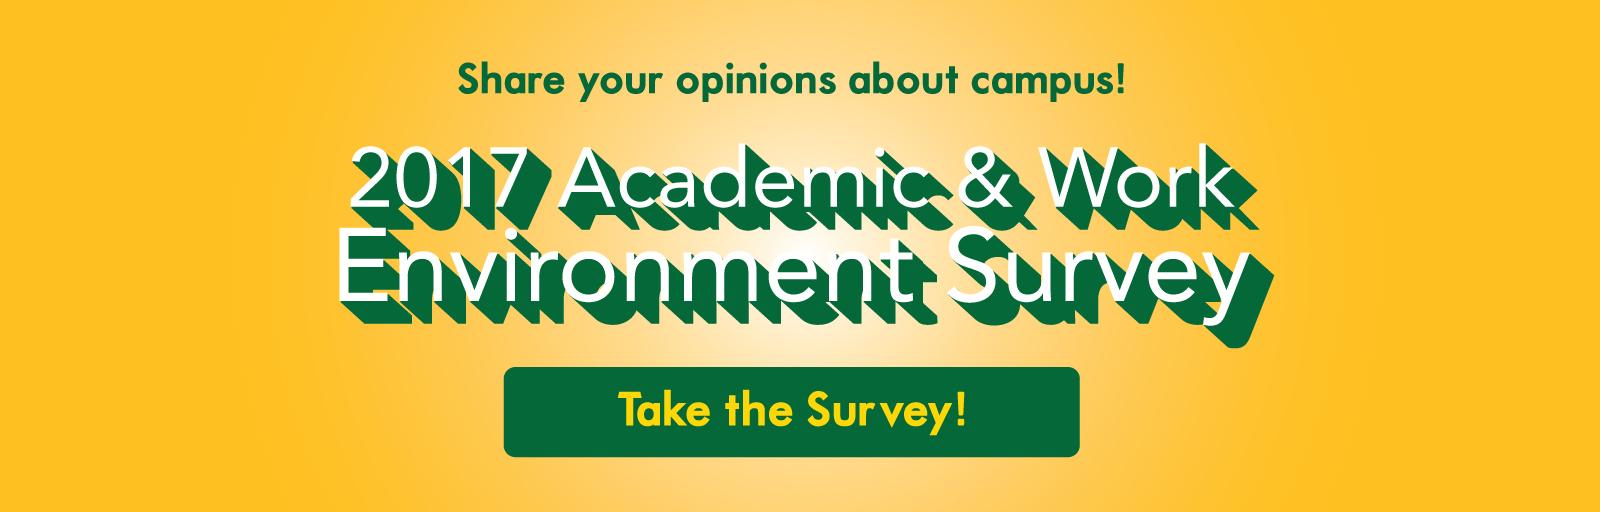 AcademicWorkEnvironmentSurvey